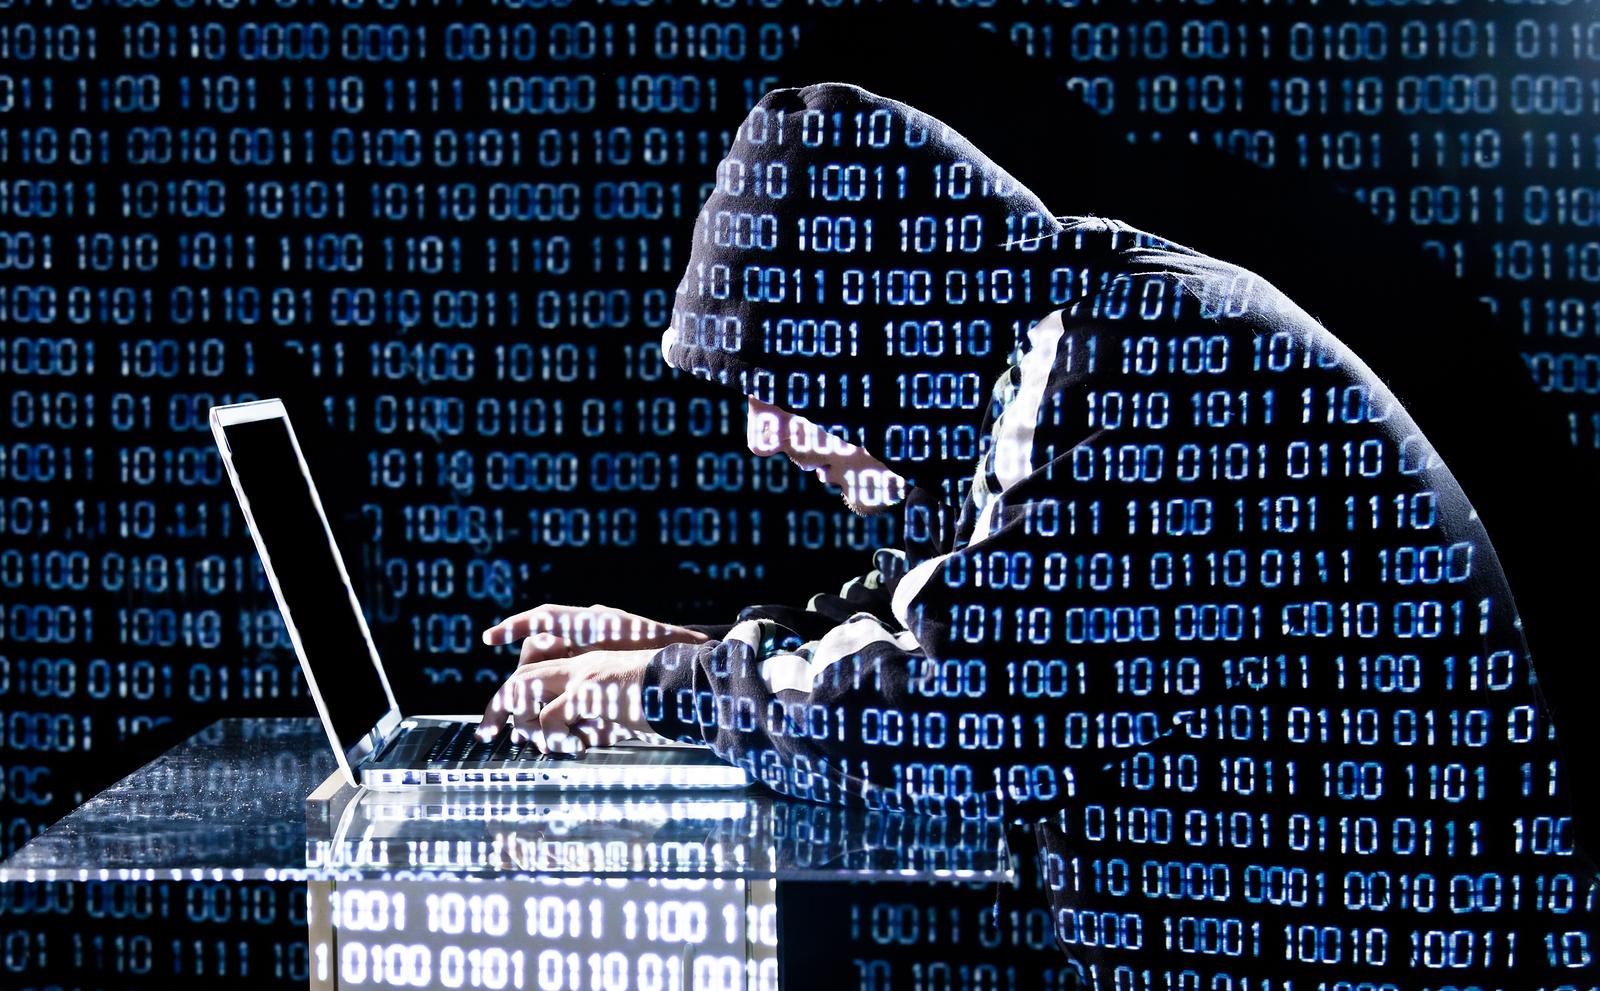 Хакеры анонсировали продажу кибероружия спецслужб США на аукционе